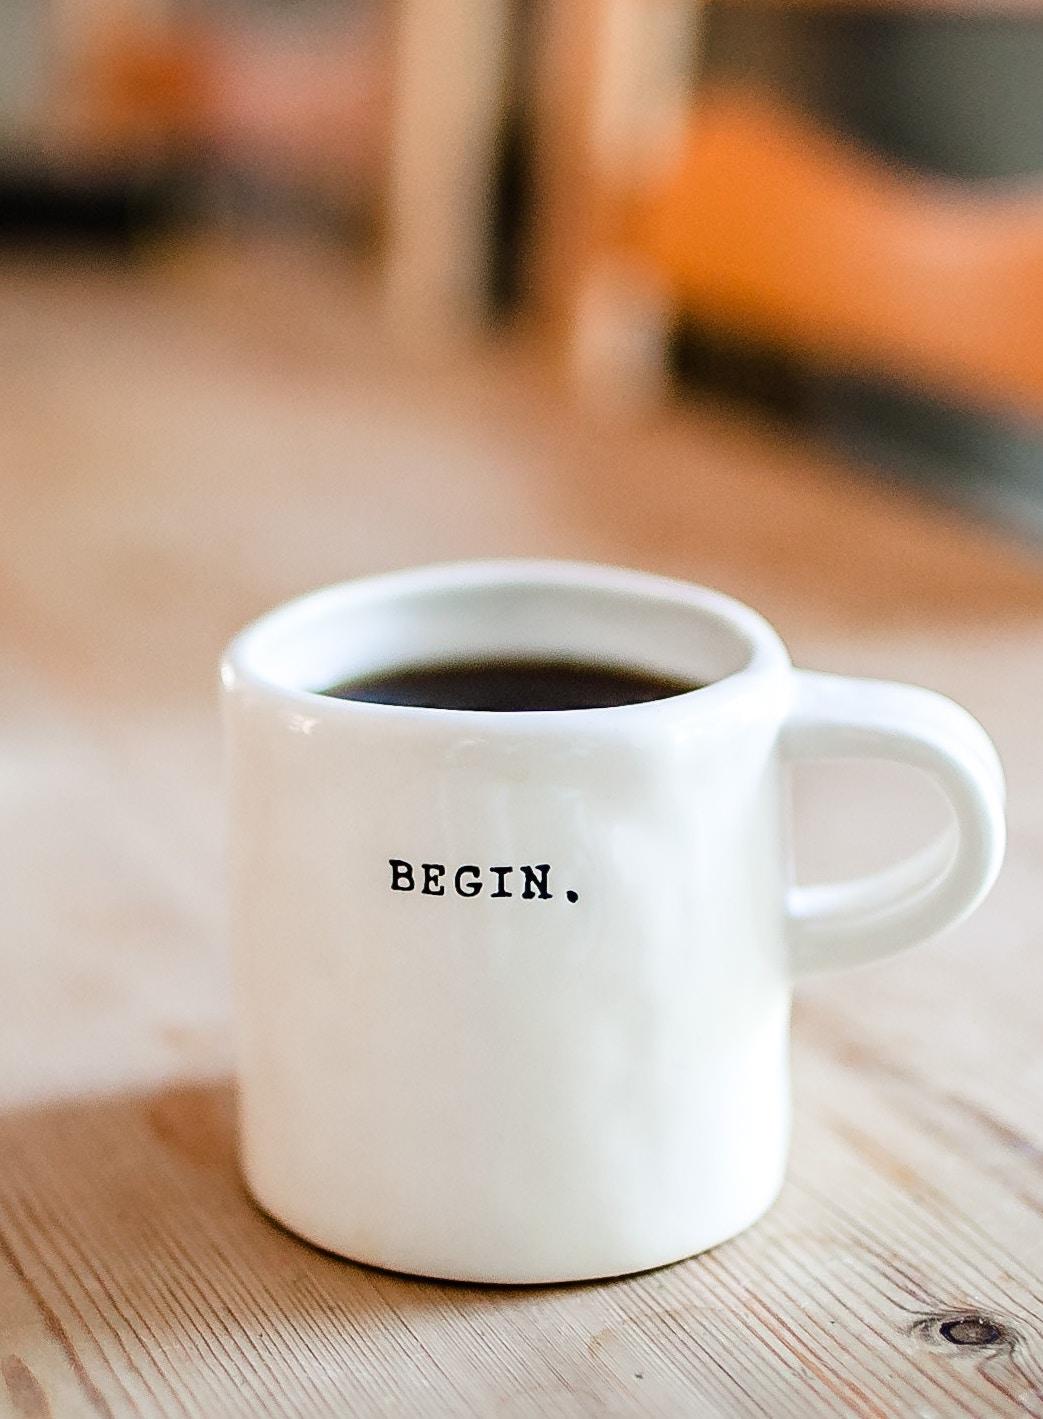 kahvi-auttaa-jaksamaan-mutta-pitää-muistaa-palautua